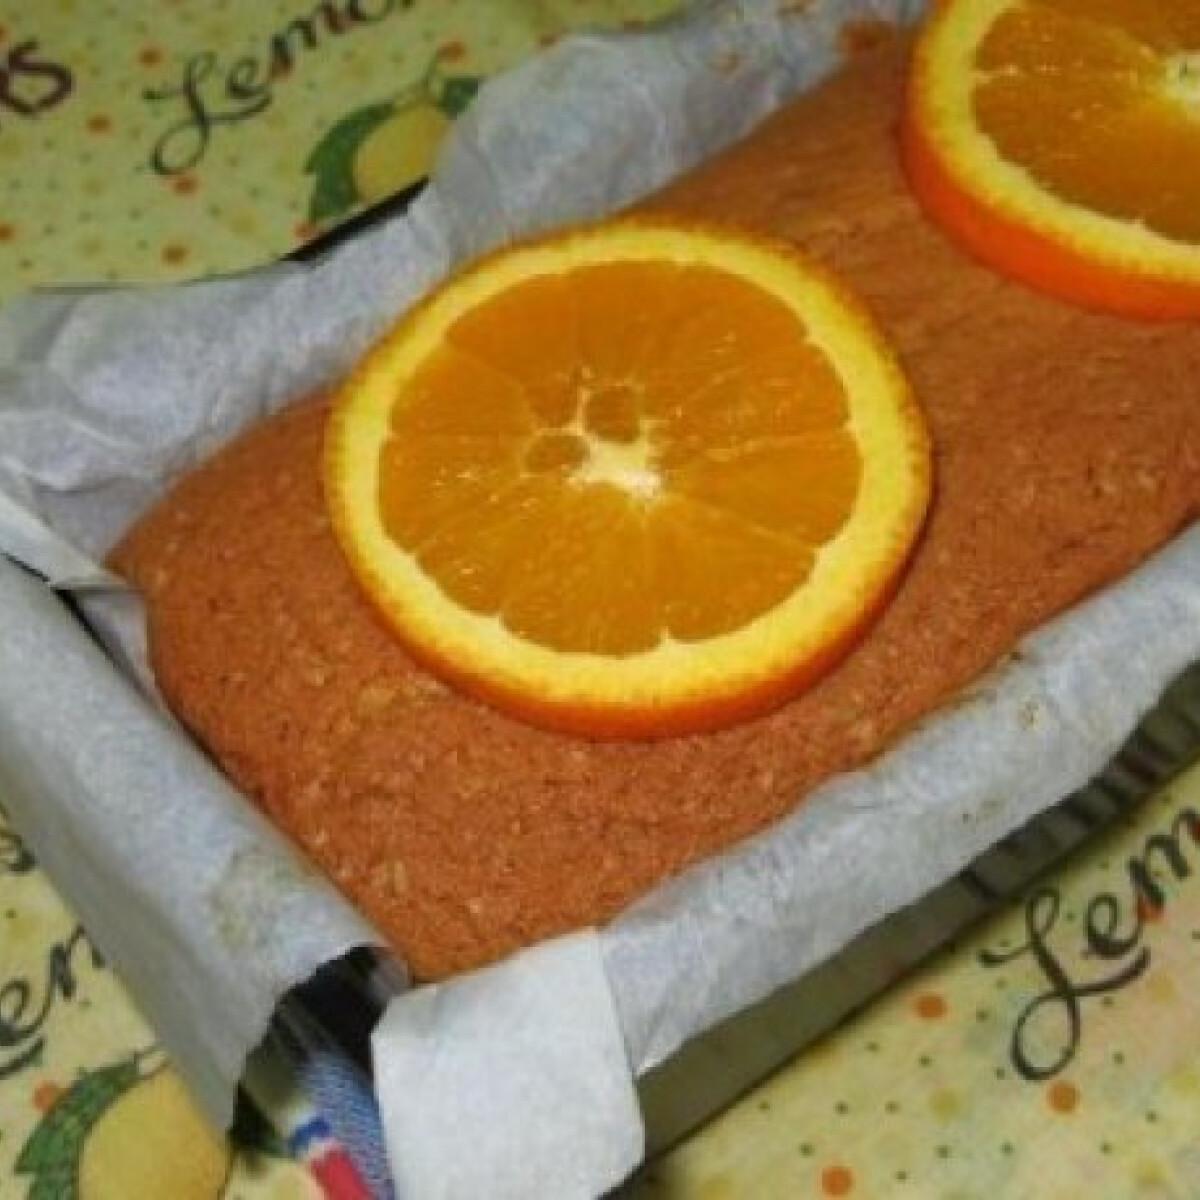 Ezen a képen: Bolo de Laranja,  azaz narancsos süti